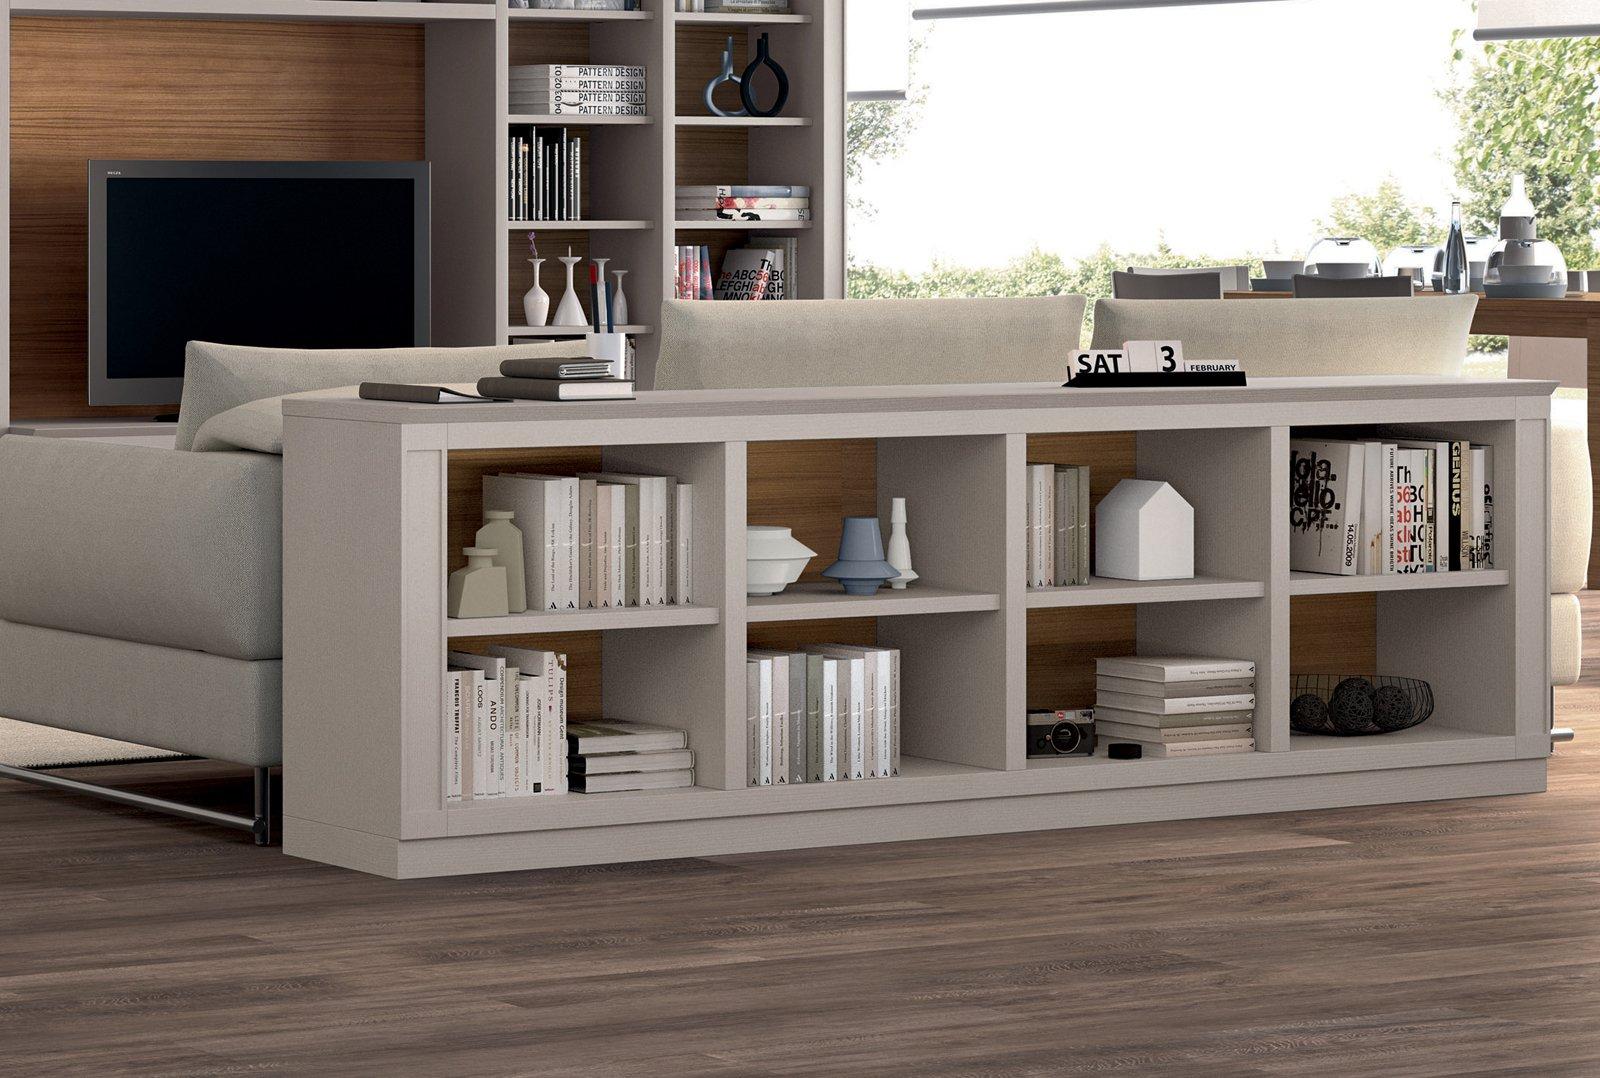 Mini librerie salvaspazio a parete o in mezzo alla stanza - Divano al centro della stanza ...